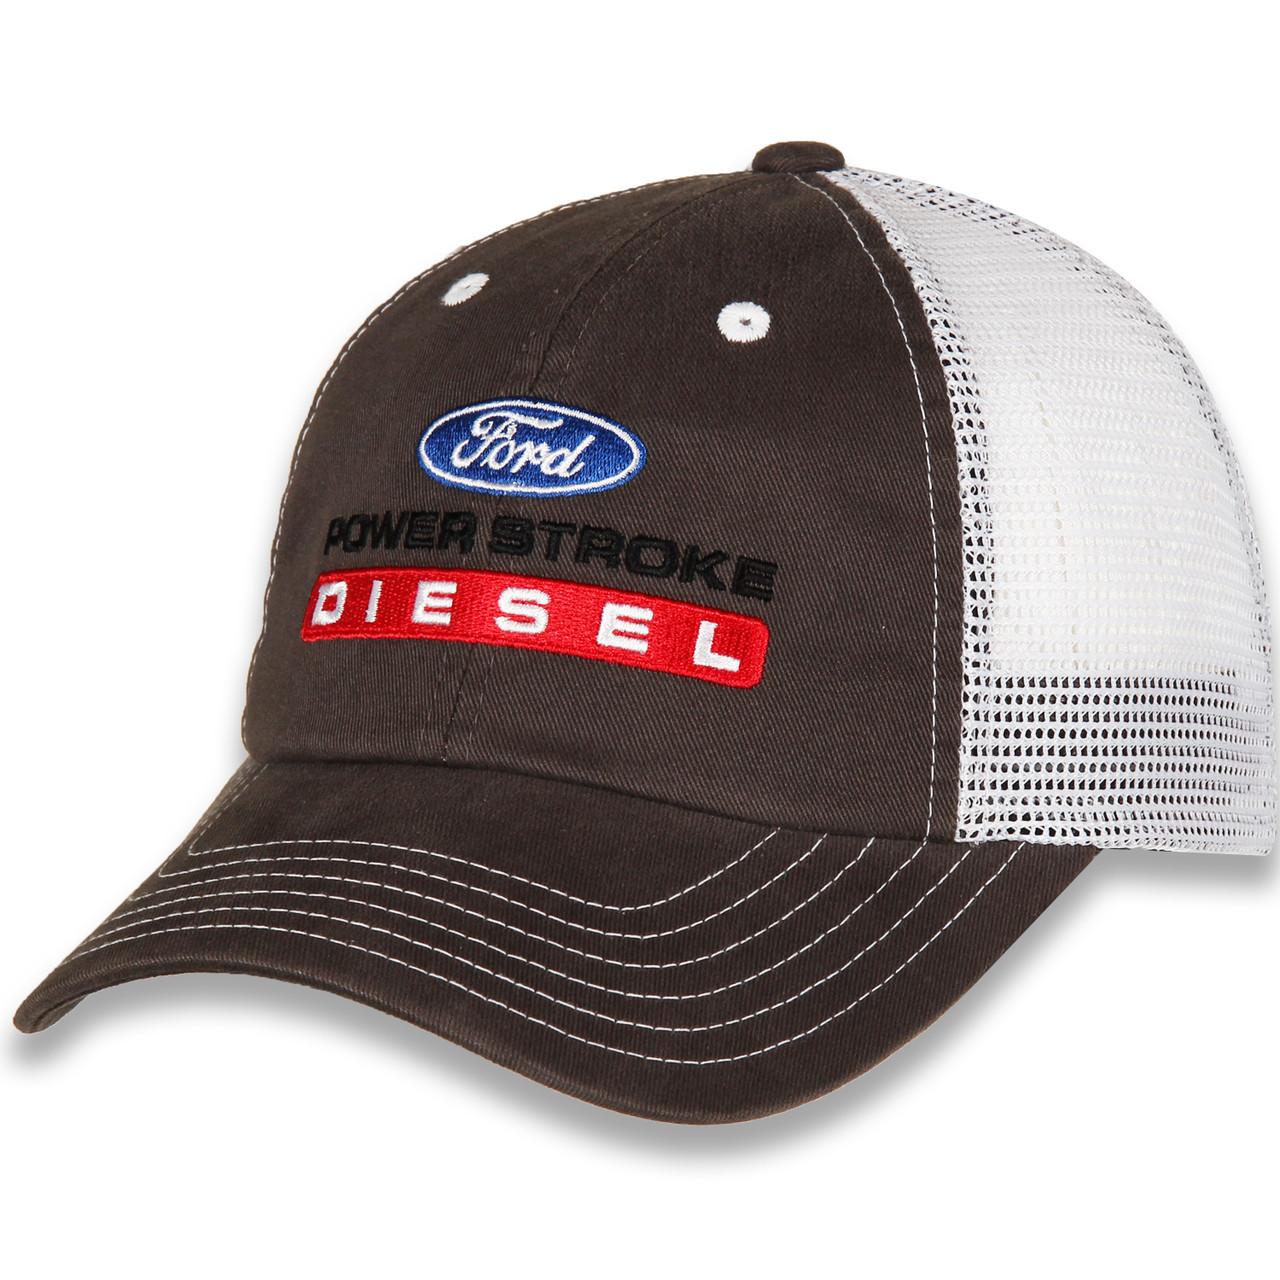 Ford Power Stroke Diesel Gray & White Mesh Hat(left)